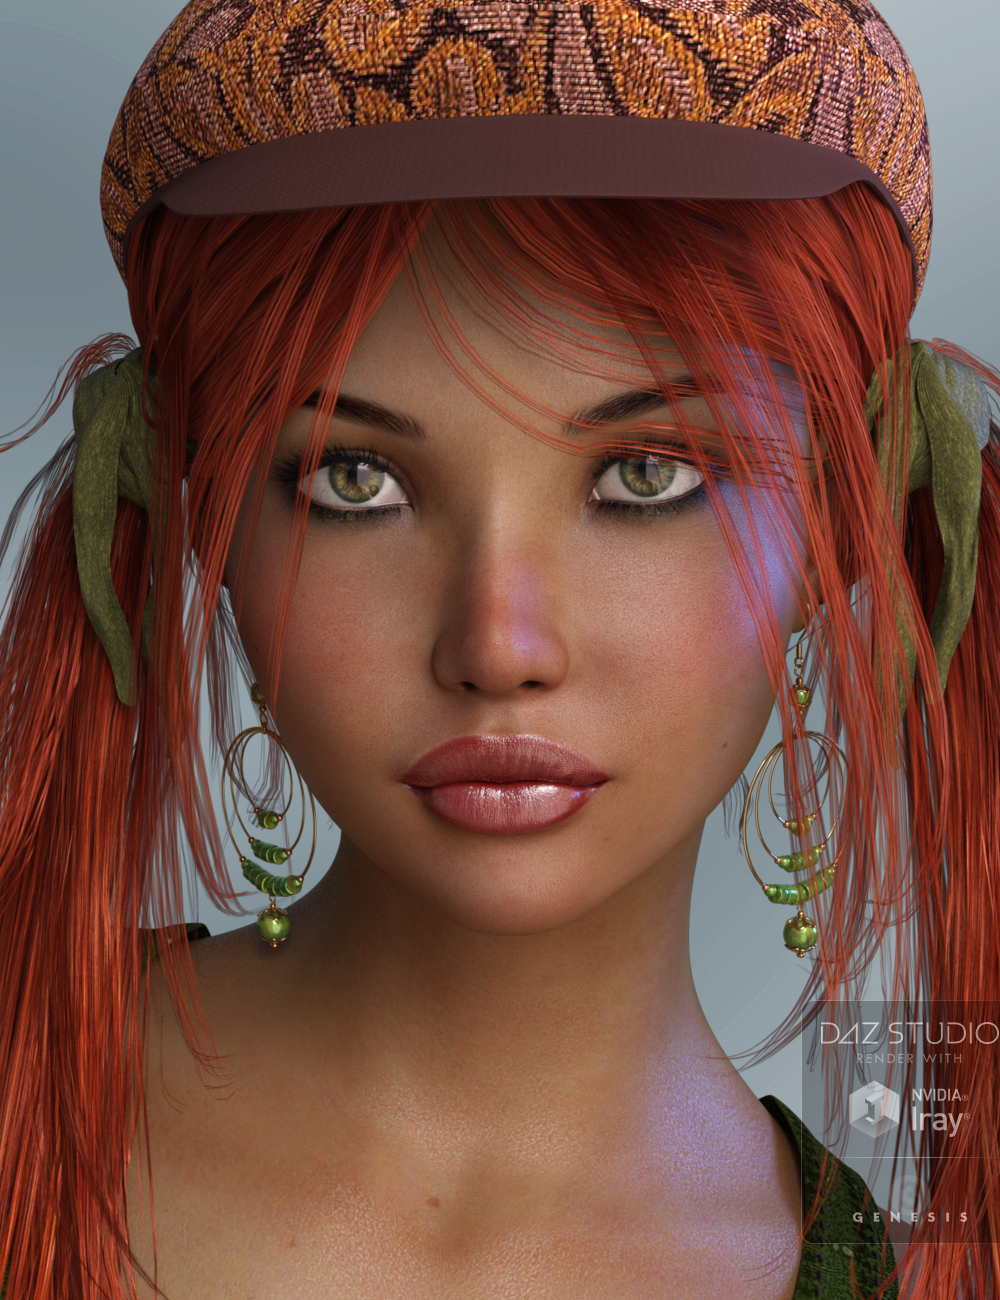 P3D Desire by: P3Design, 3D Models by Daz 3D